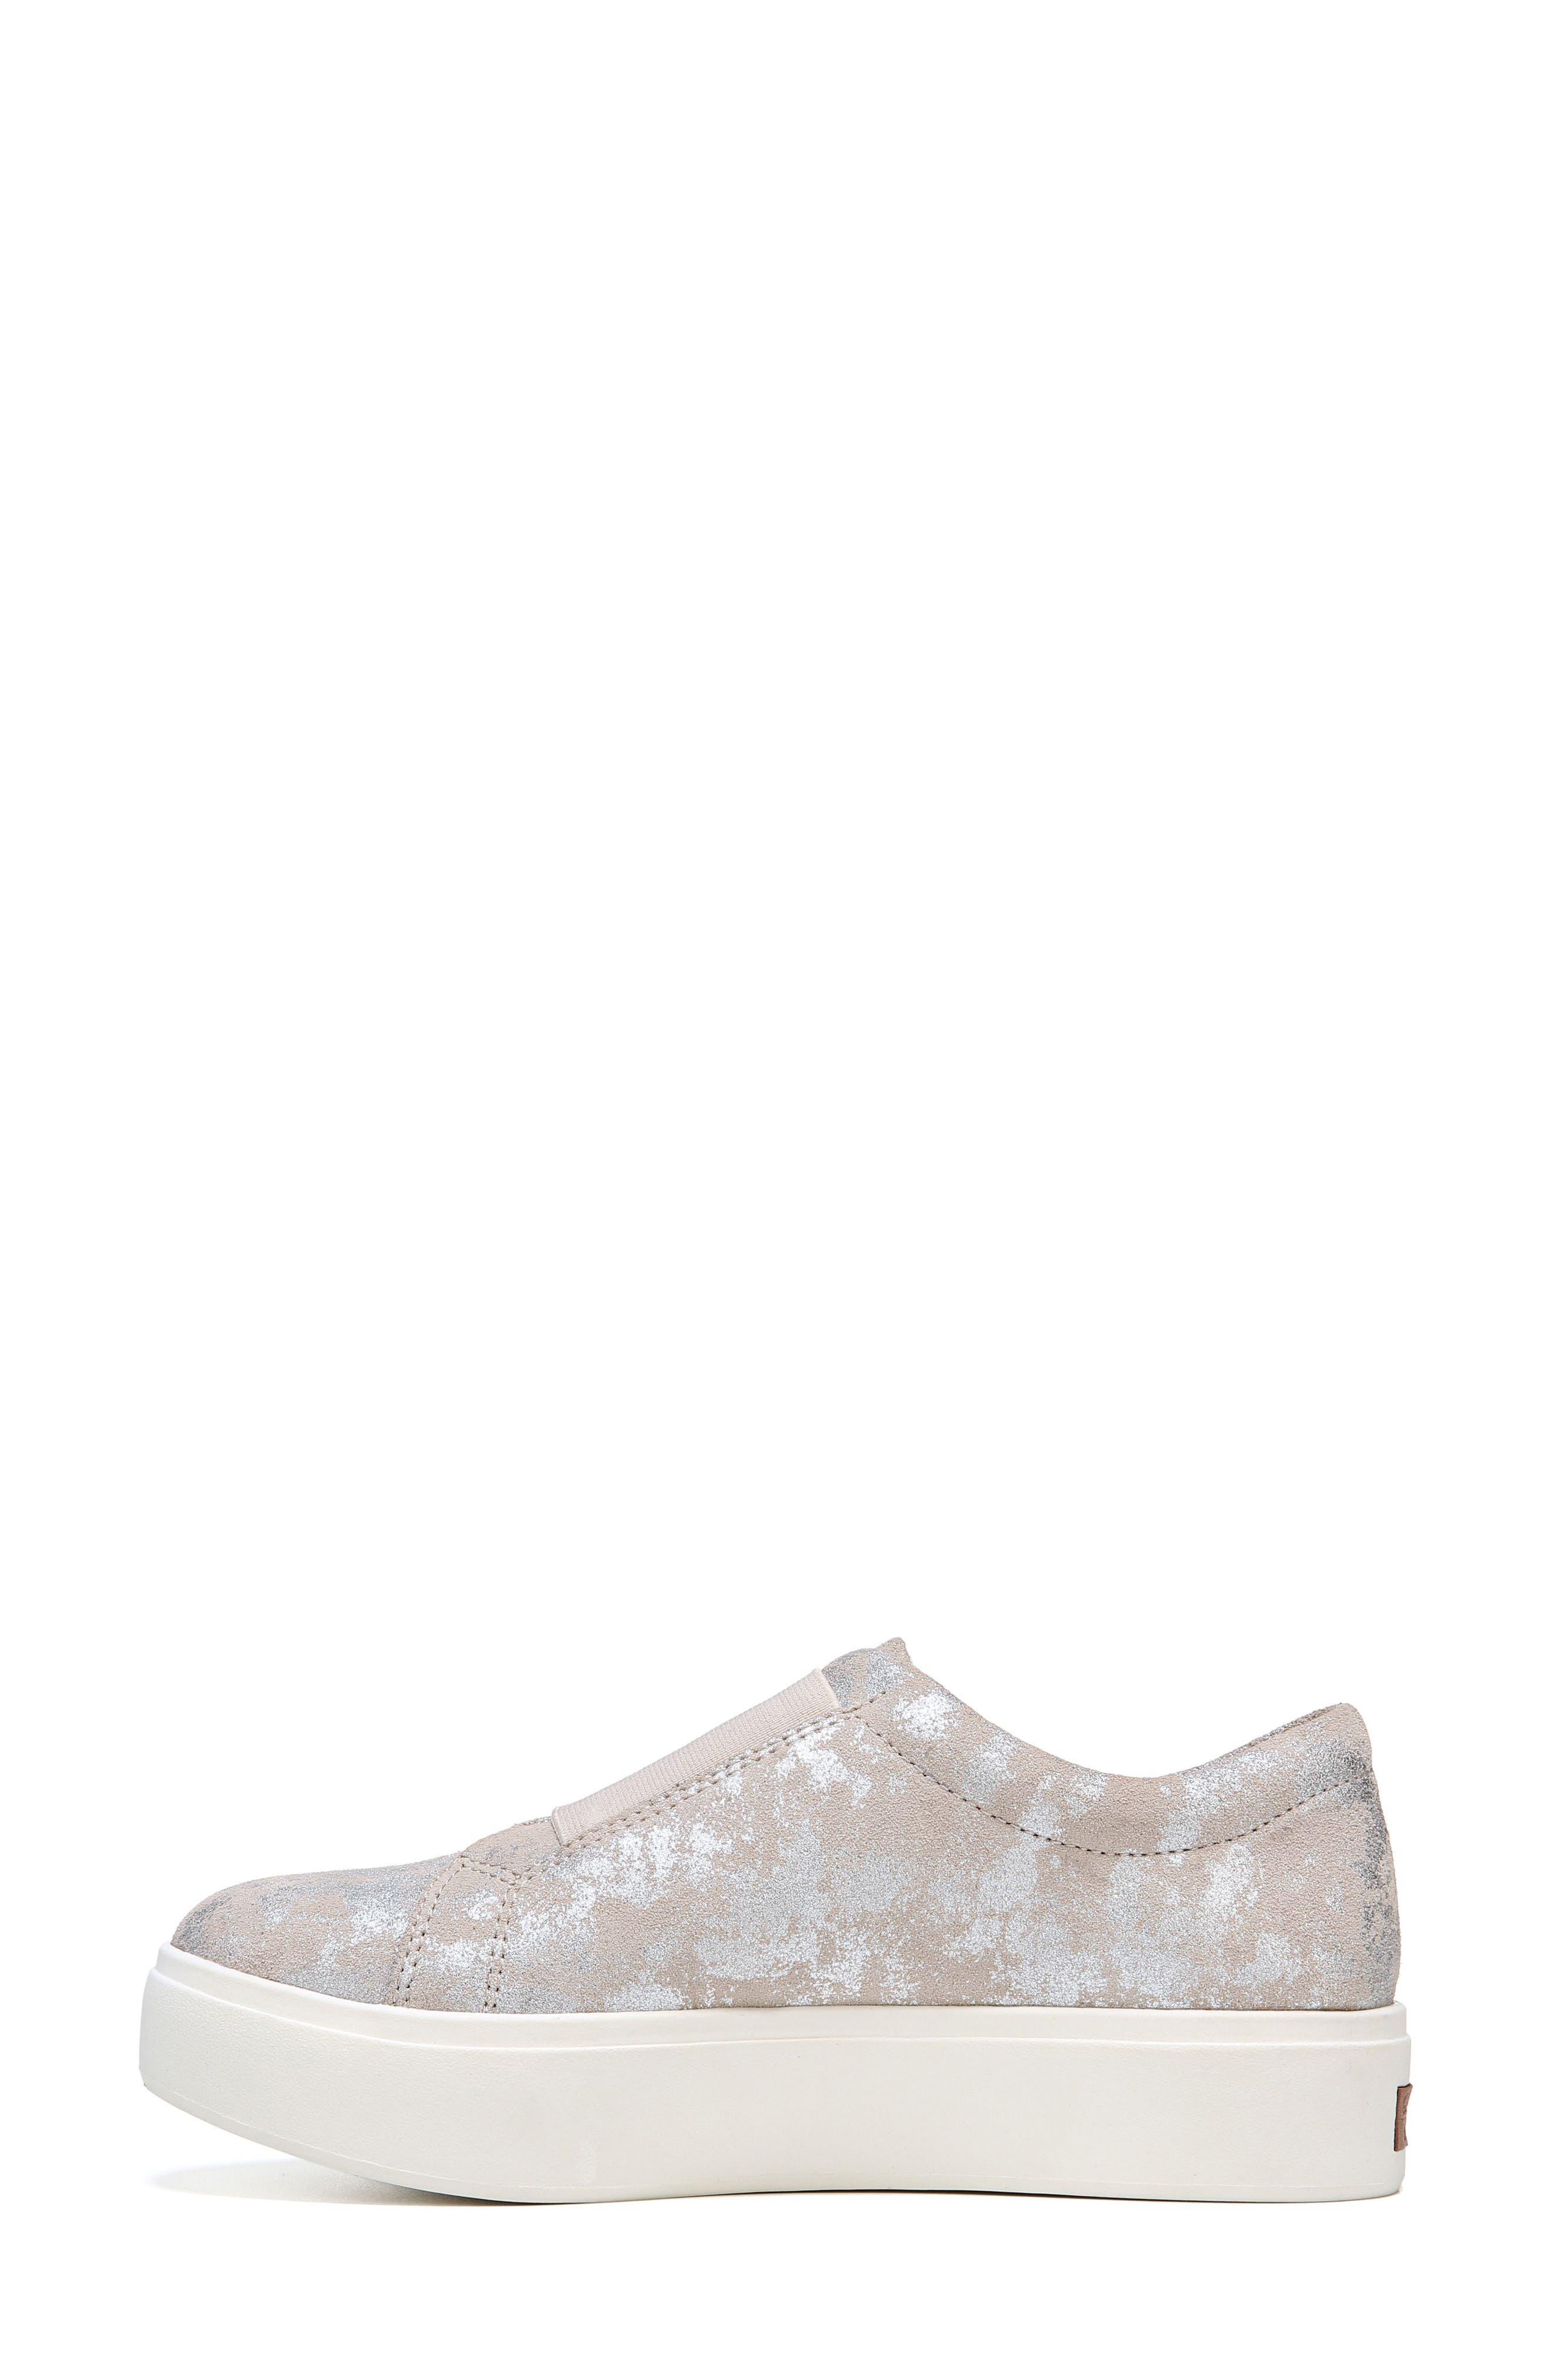 Abbot Slip-On Sneaker,                             Alternate thumbnail 8, color,